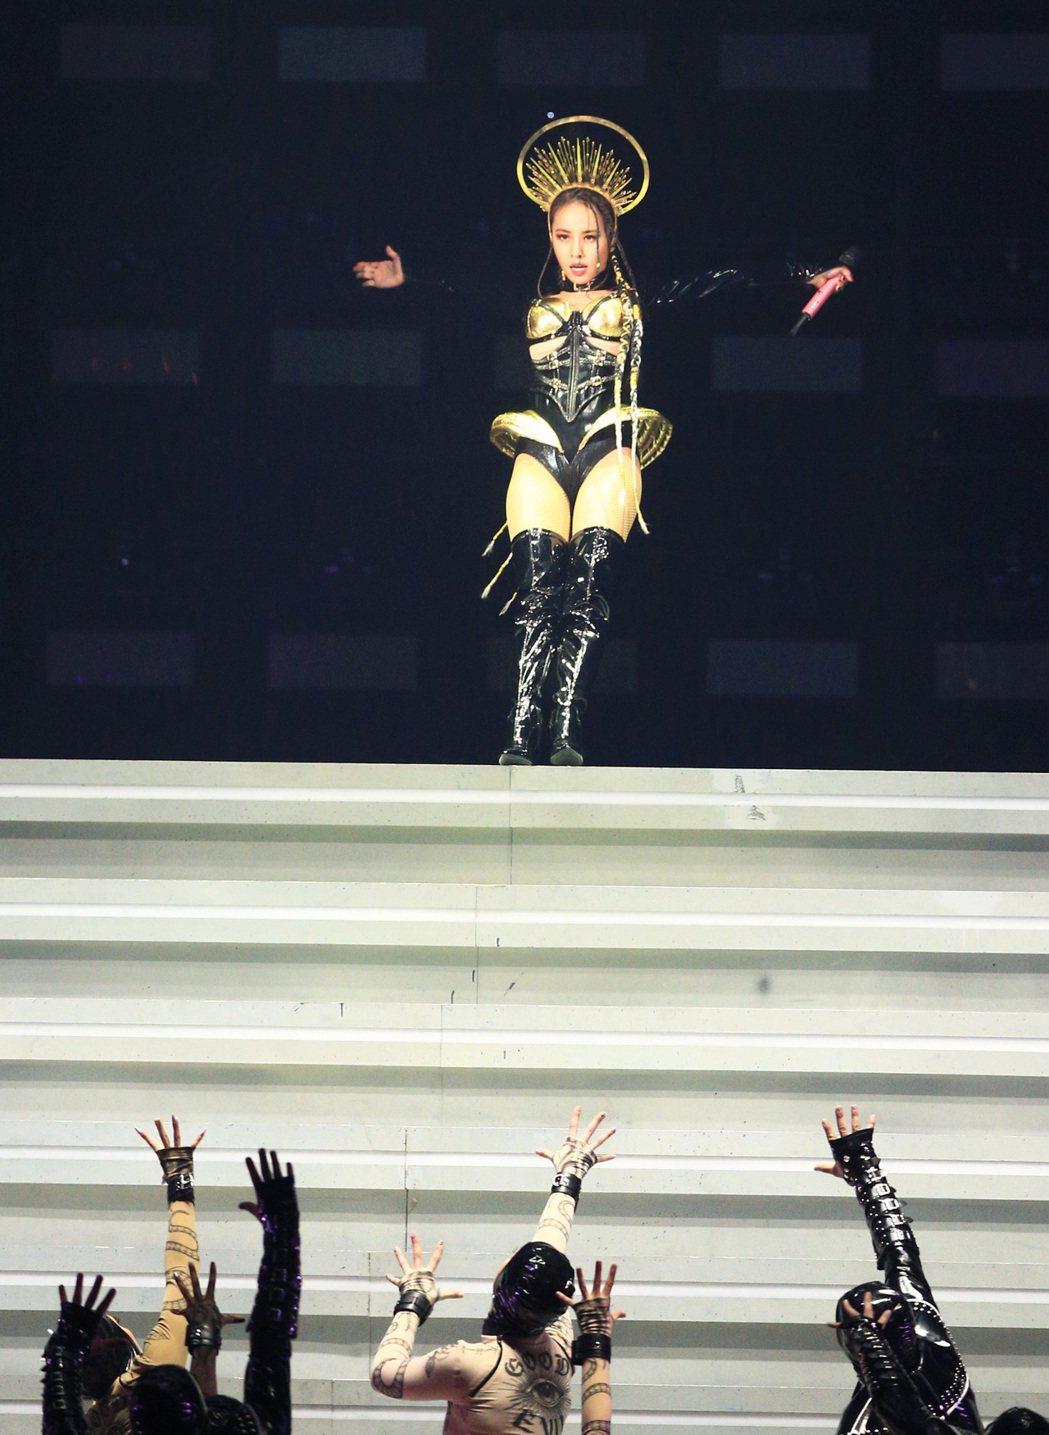 蔡依林無預警地向後倒,消失於舞台上方。記者陳正興/攝影